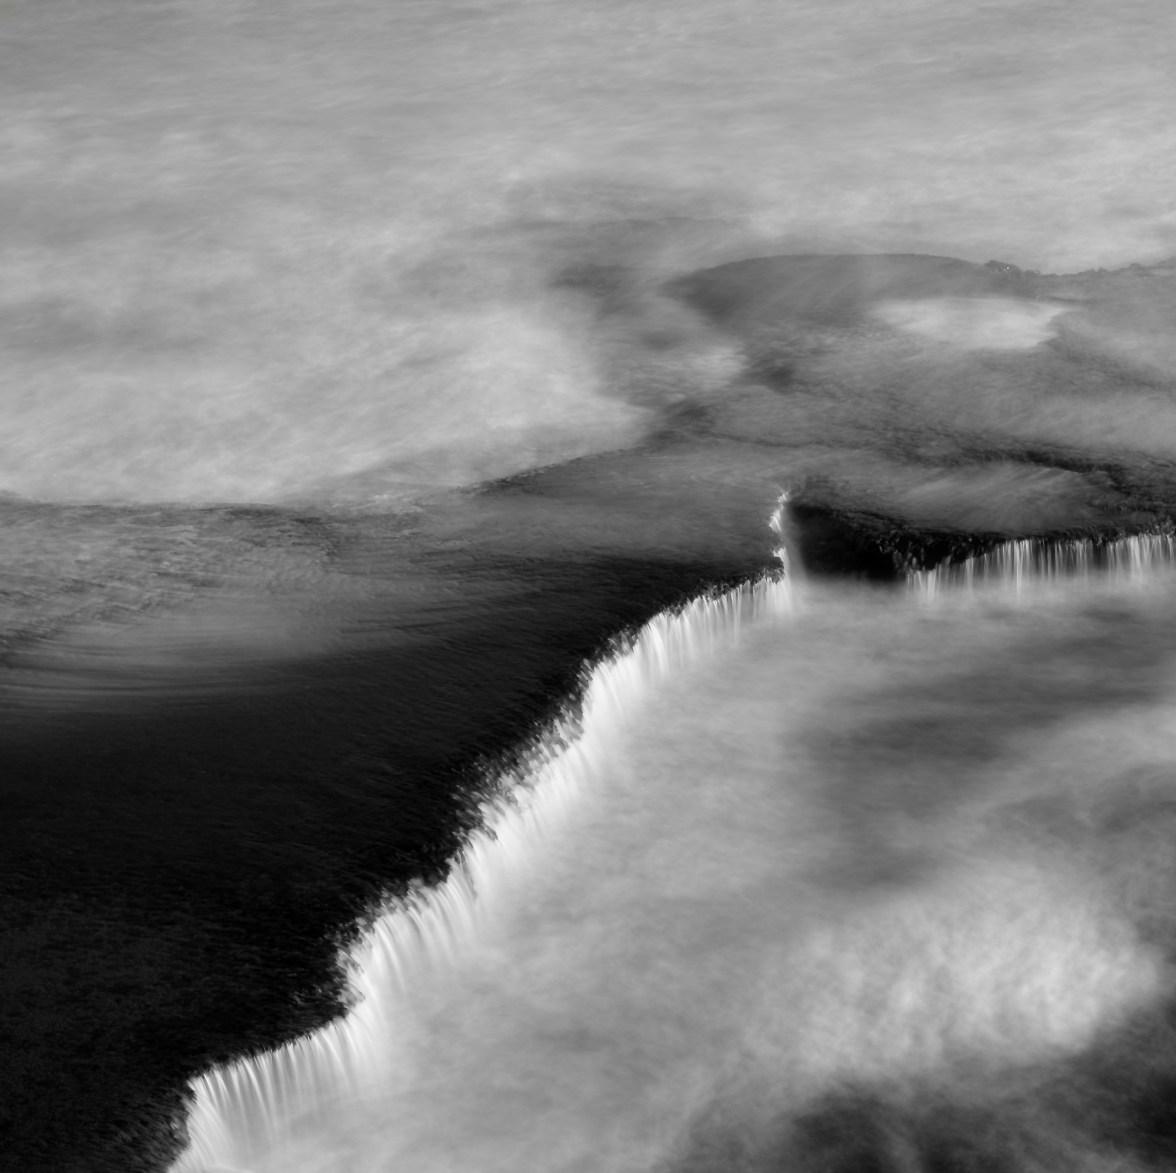 Abstraction 1 © Mihai Florea